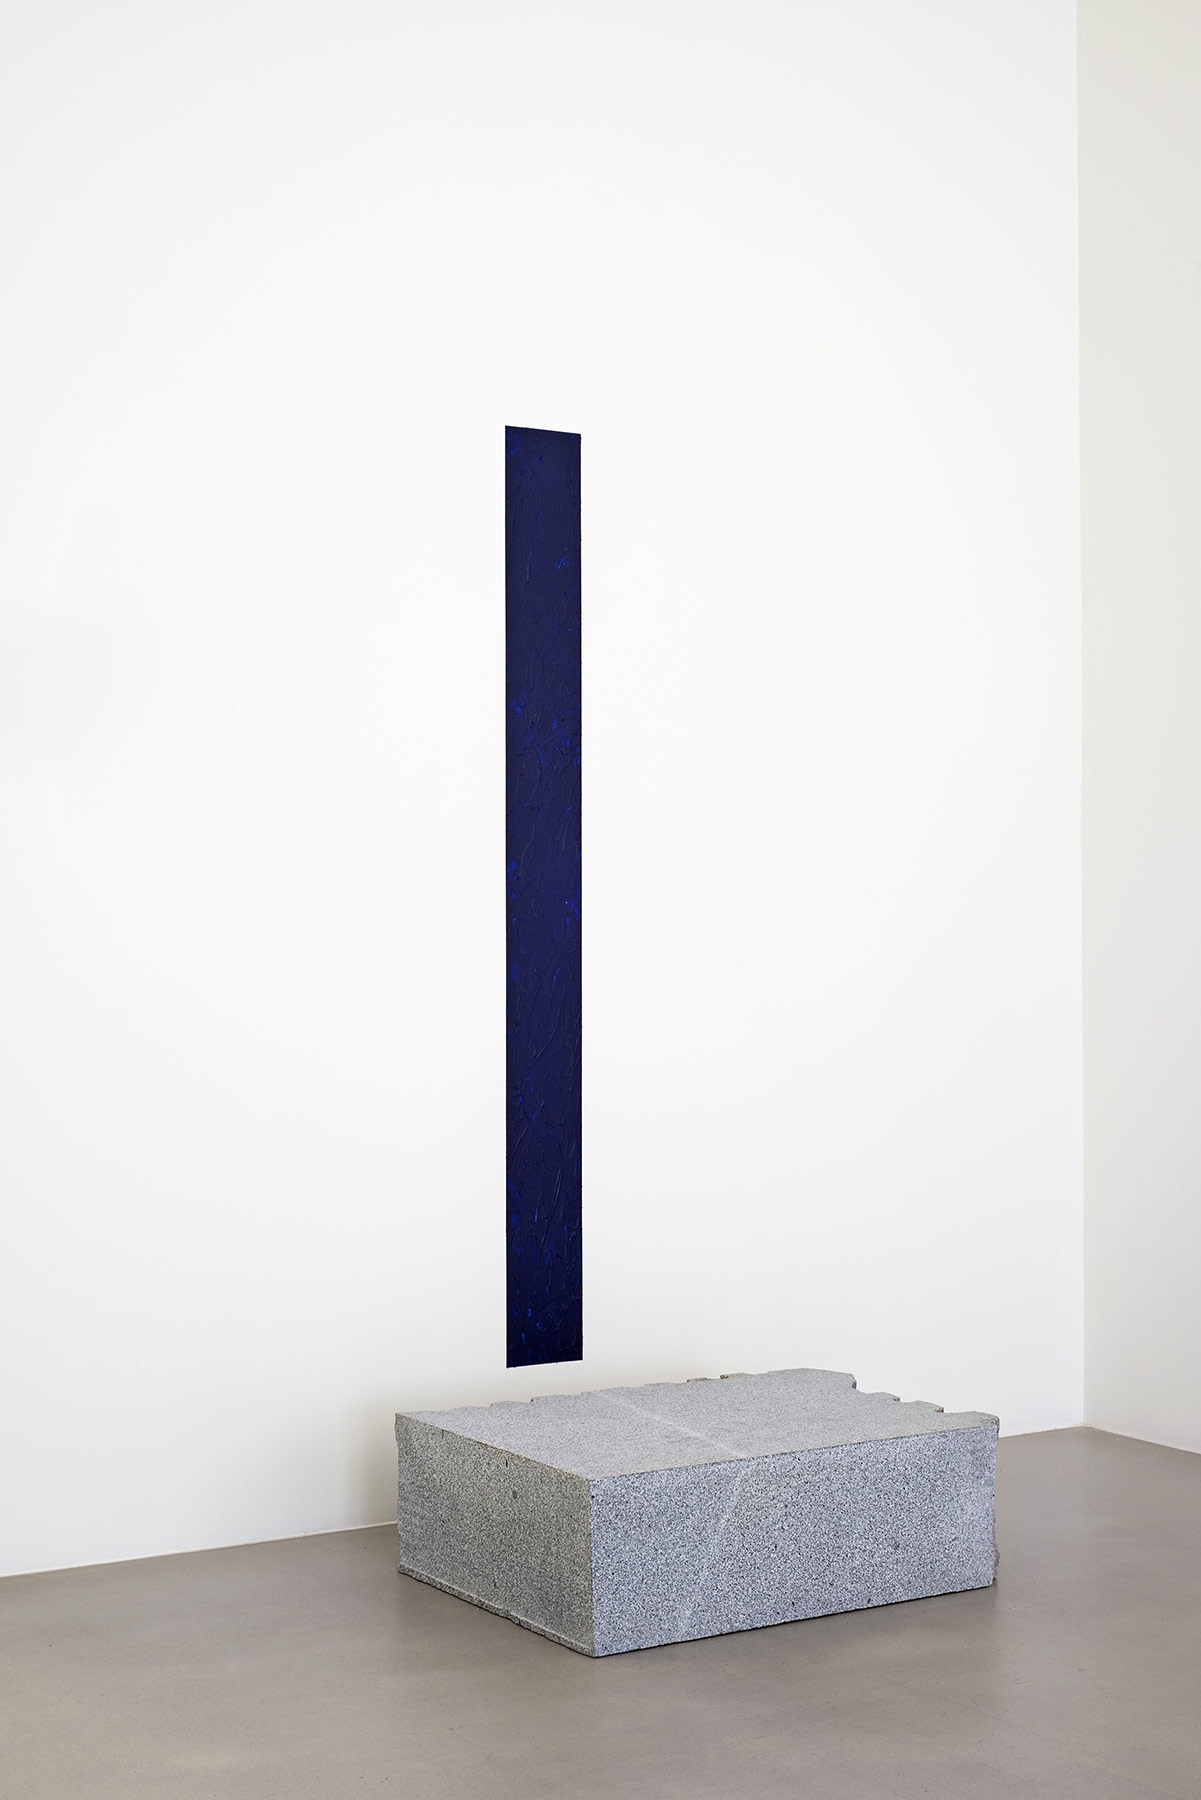 Skinny deep blue painting mounted above slab of granite.